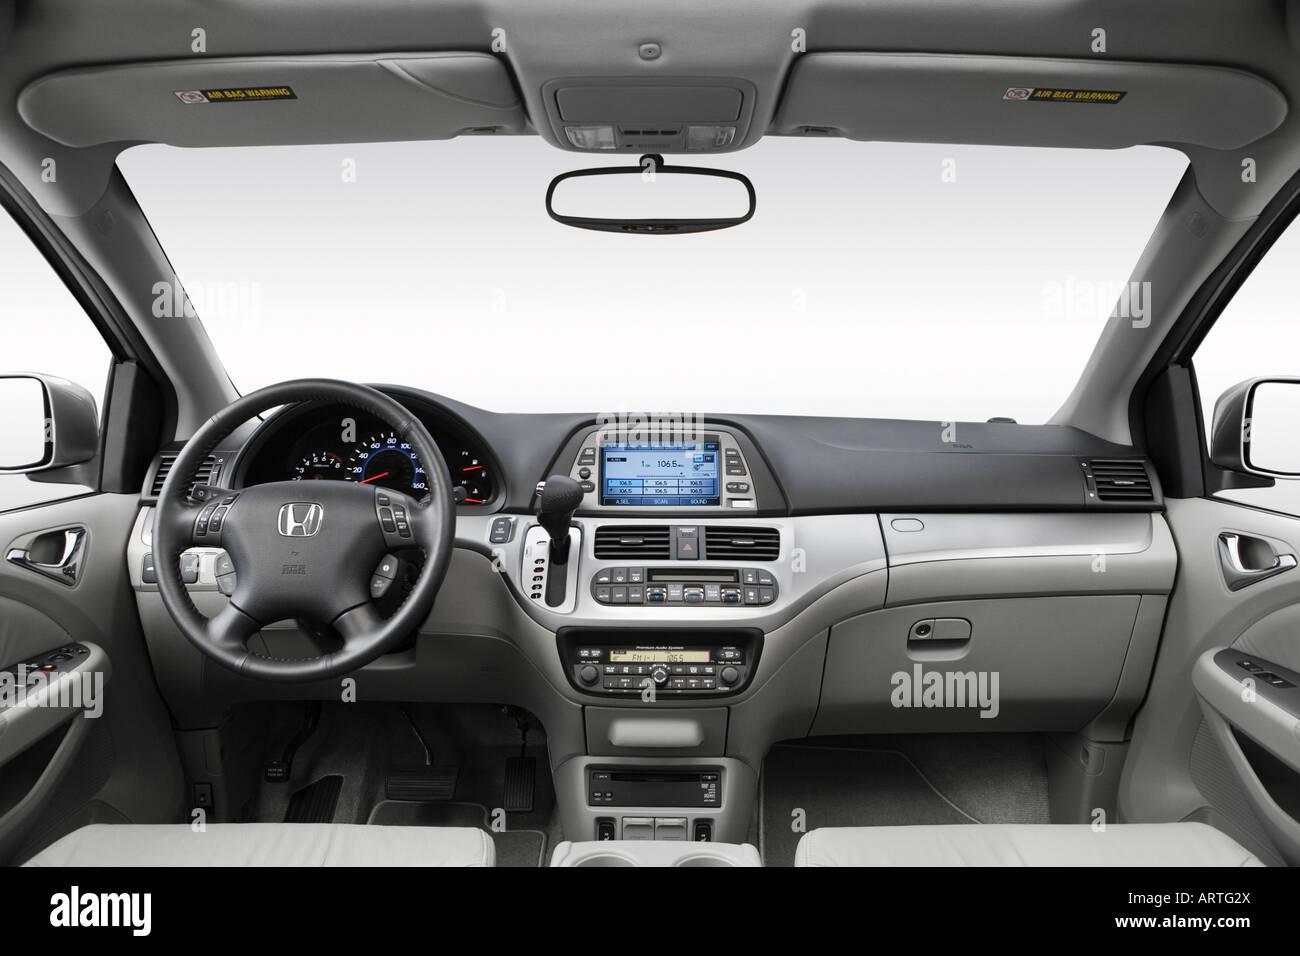 Kelebihan Kekurangan Honda Odyssey 2008 Spesifikasi